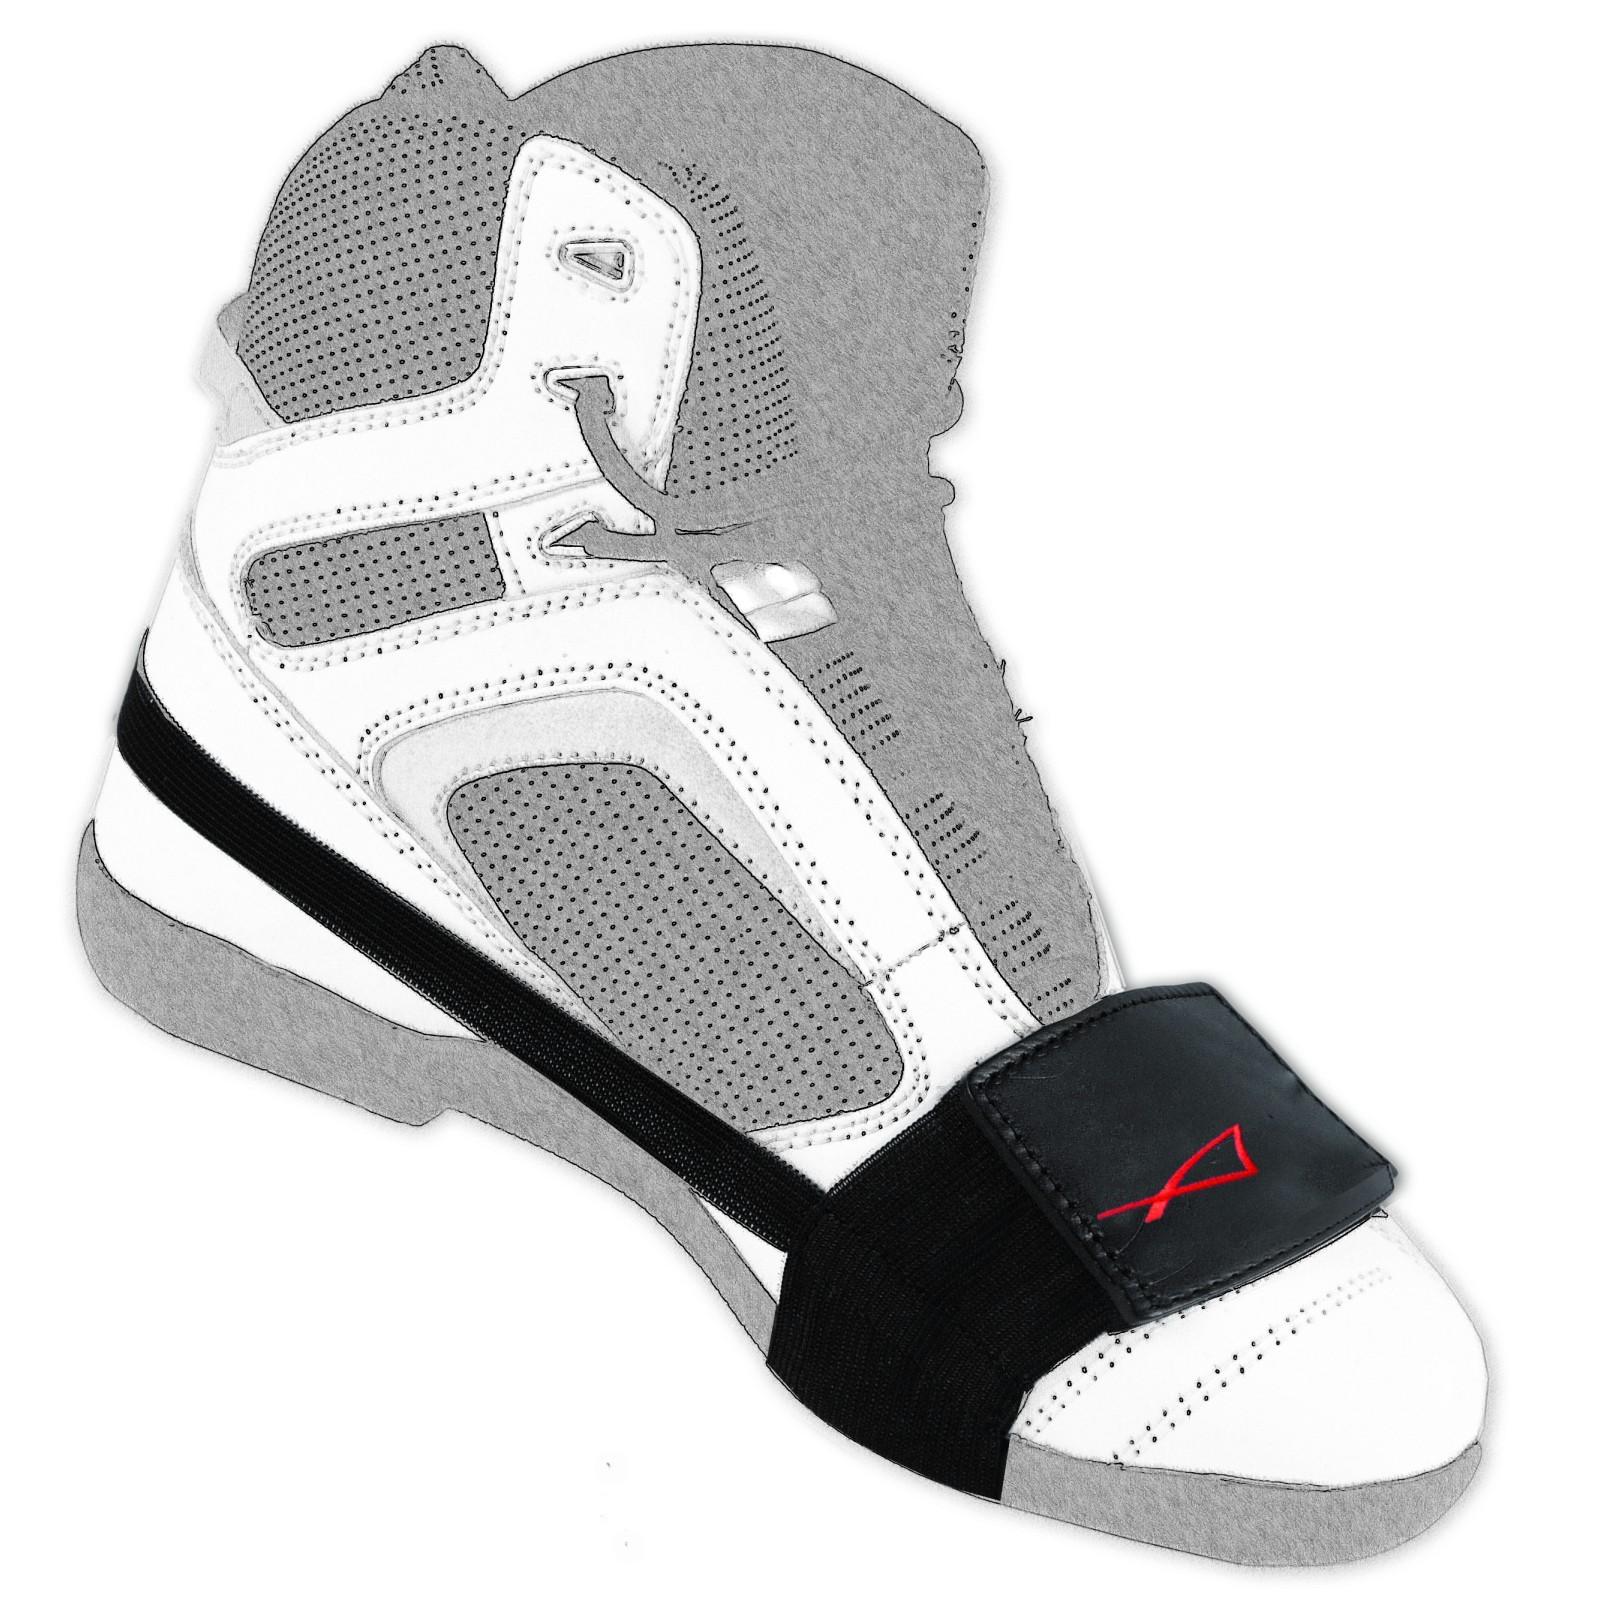 abbigliamento moto e accessori fascetta pelle salva scarpe proteggi accessorio scarpa leva. Black Bedroom Furniture Sets. Home Design Ideas